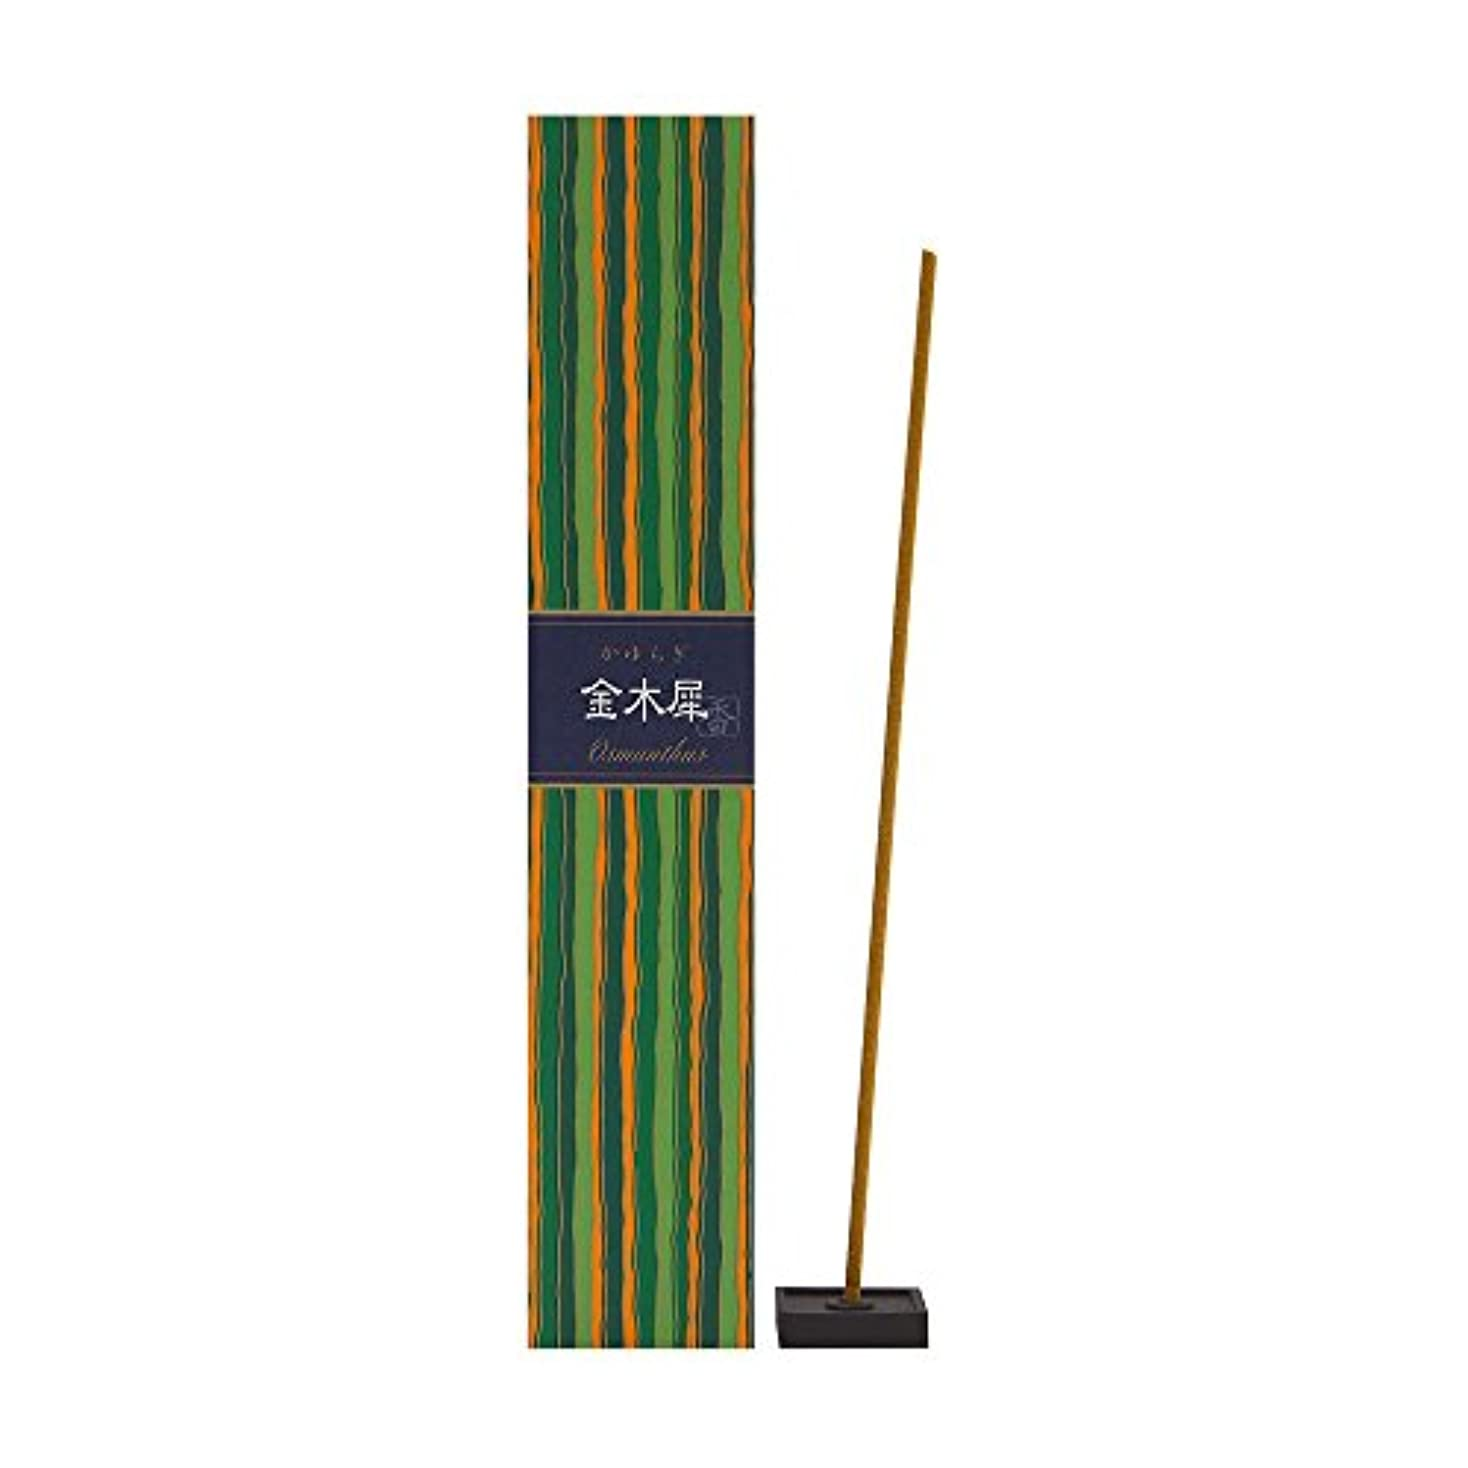 スペイン語従者うねるNippon Kodo – Kayuragi – Osmanthus 40 Sticks 1 38404